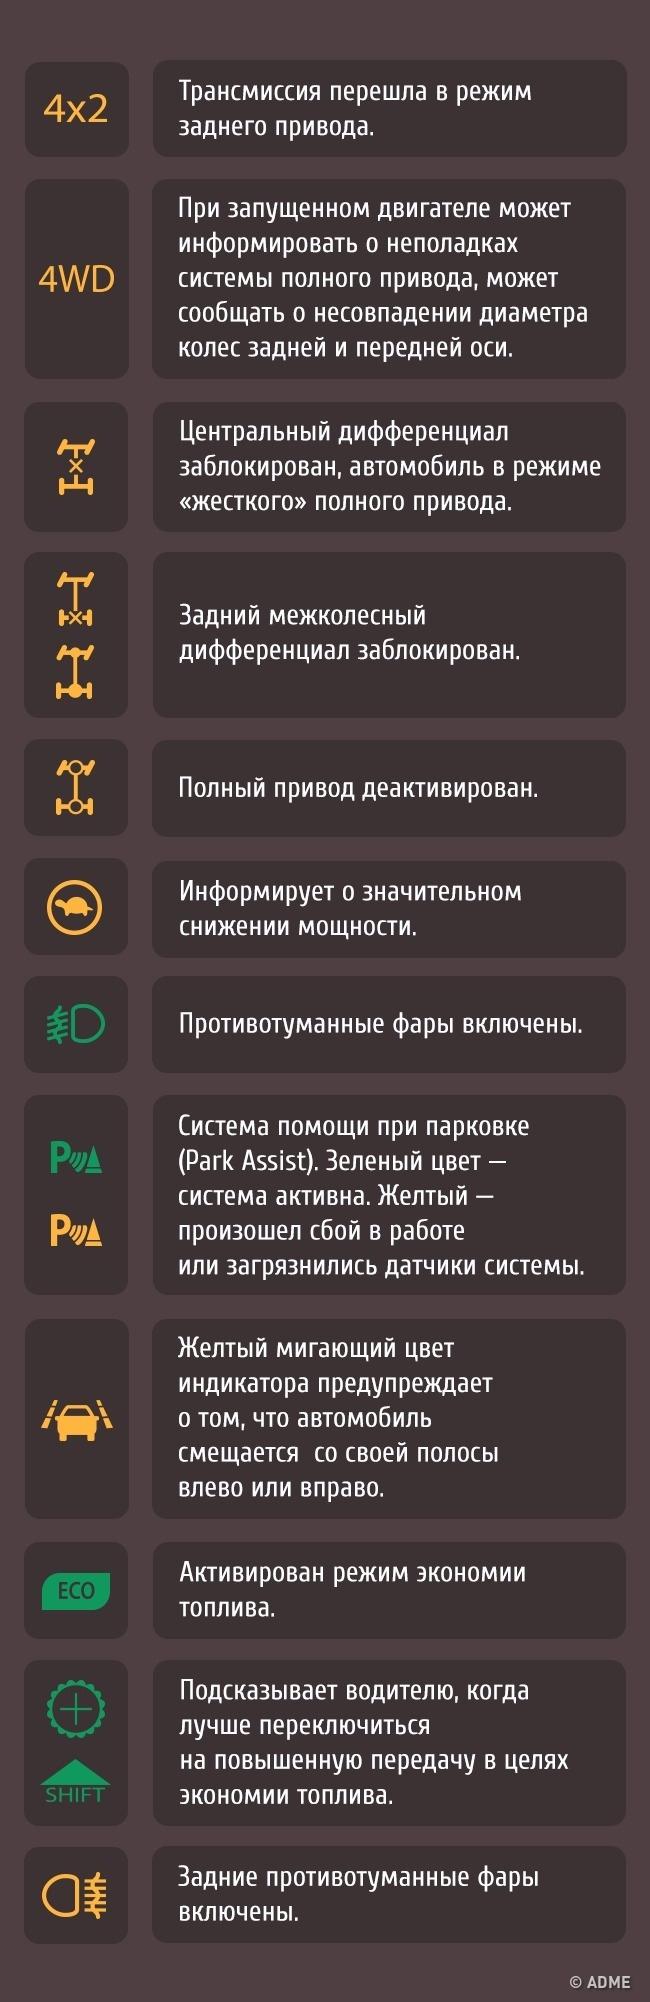 Что означают значки на приборной панели авто 2